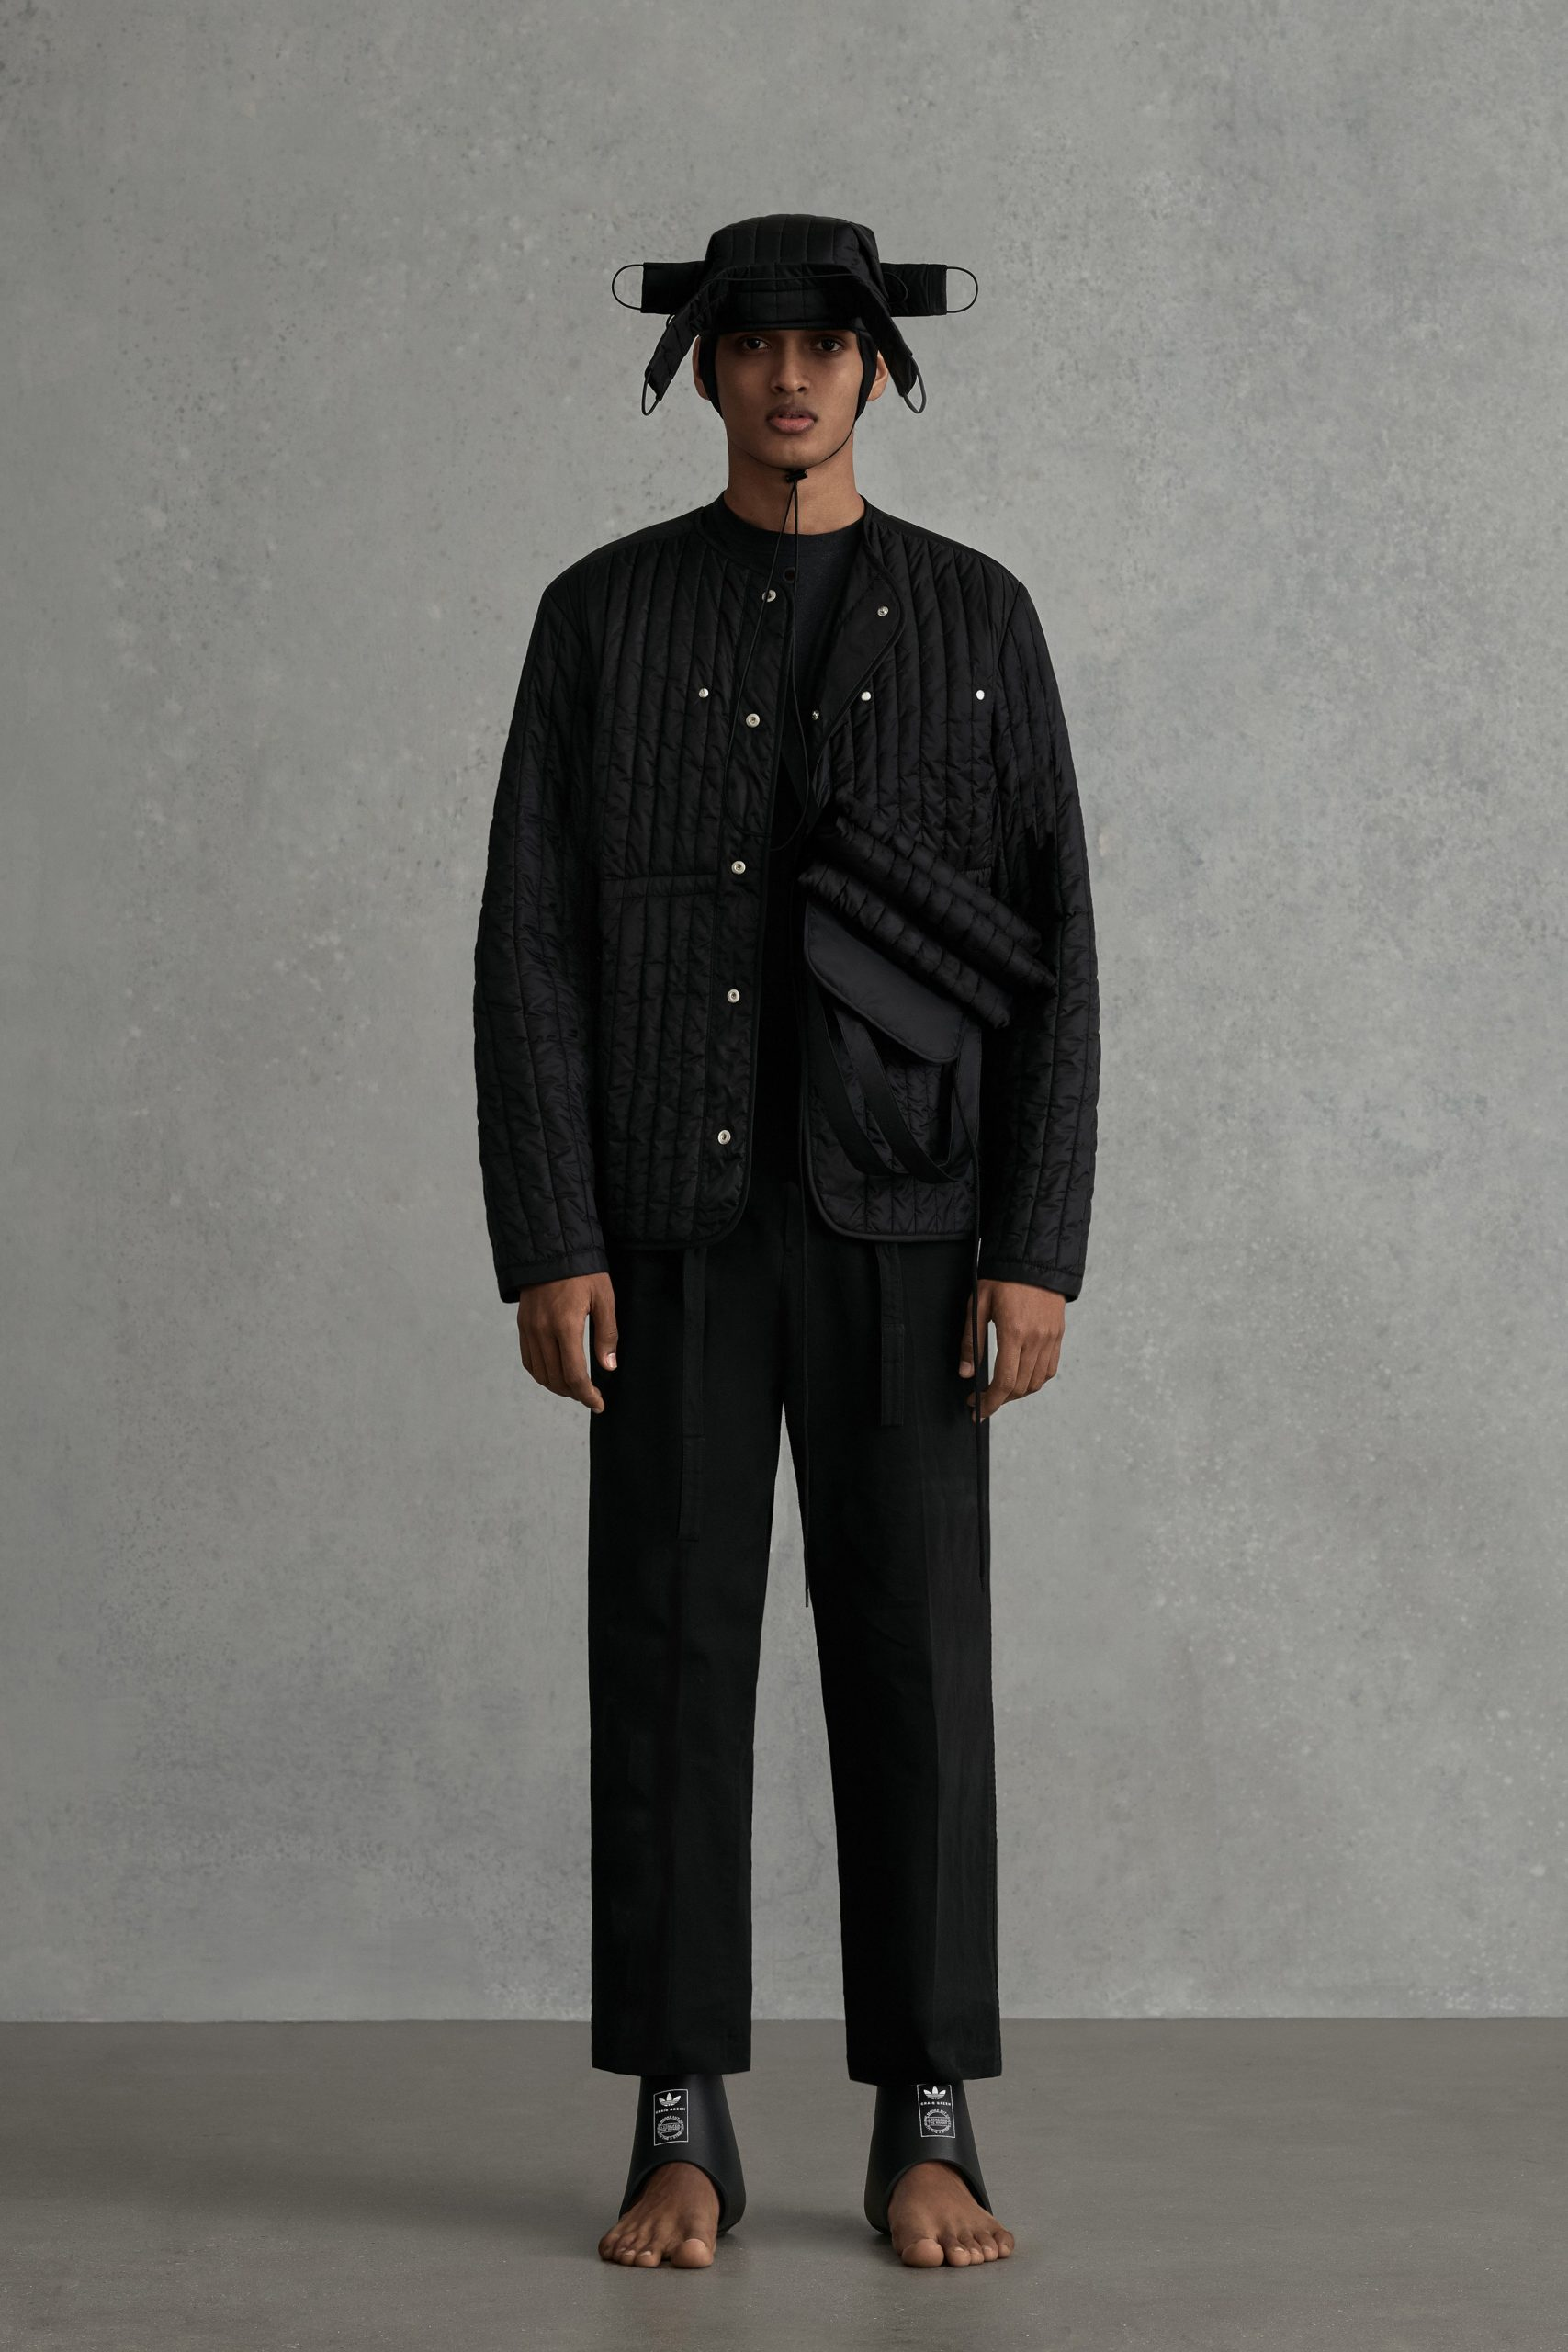 Craig Green Spring 2021 Menswear Fashion Collection Photos